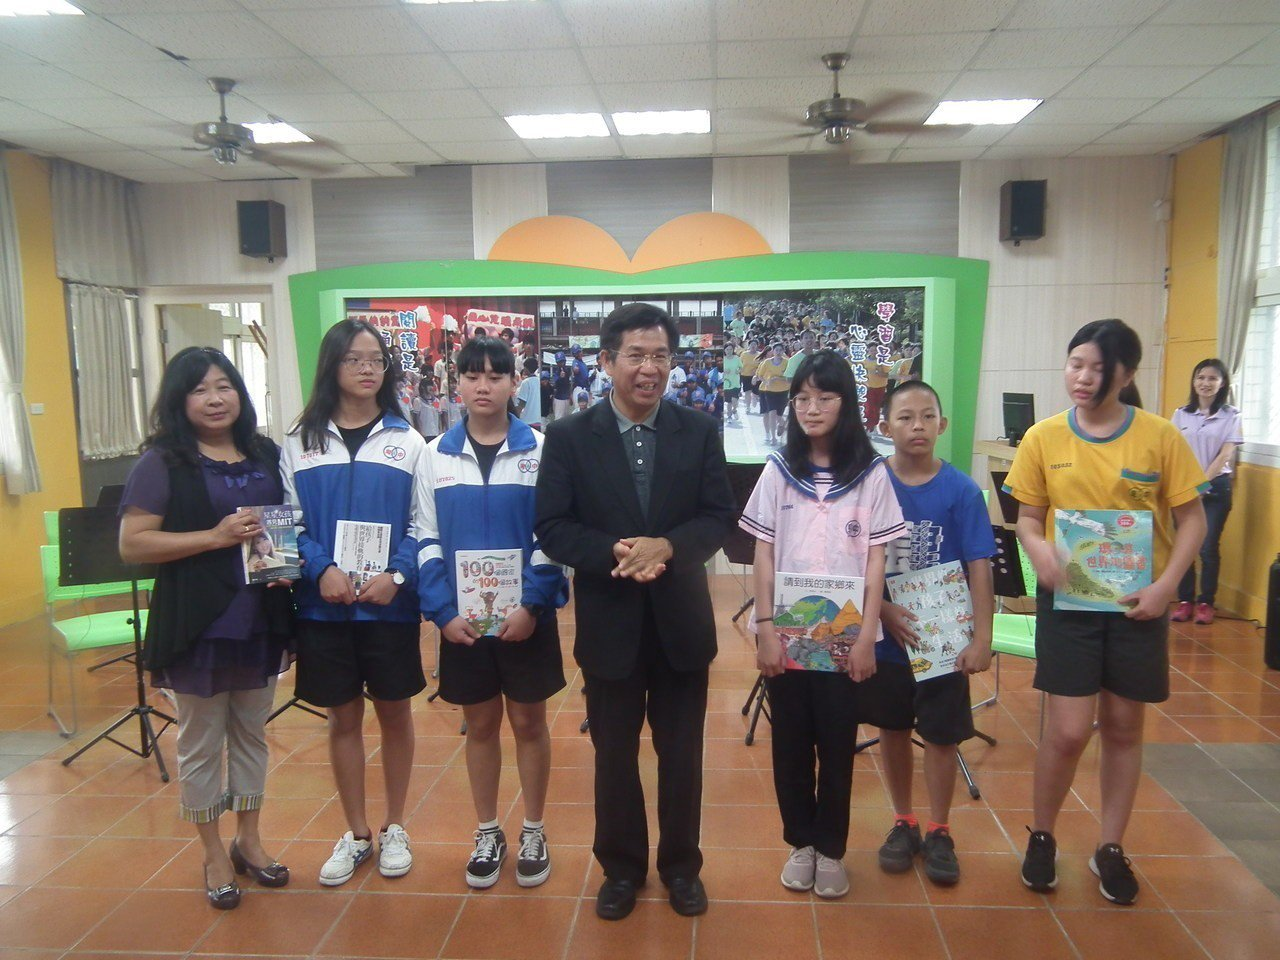 教育部長潘文忠致贈卑南國中6本書籍,鼓勵學生多閱讀,充實自己學識。記者尤聰光/攝...